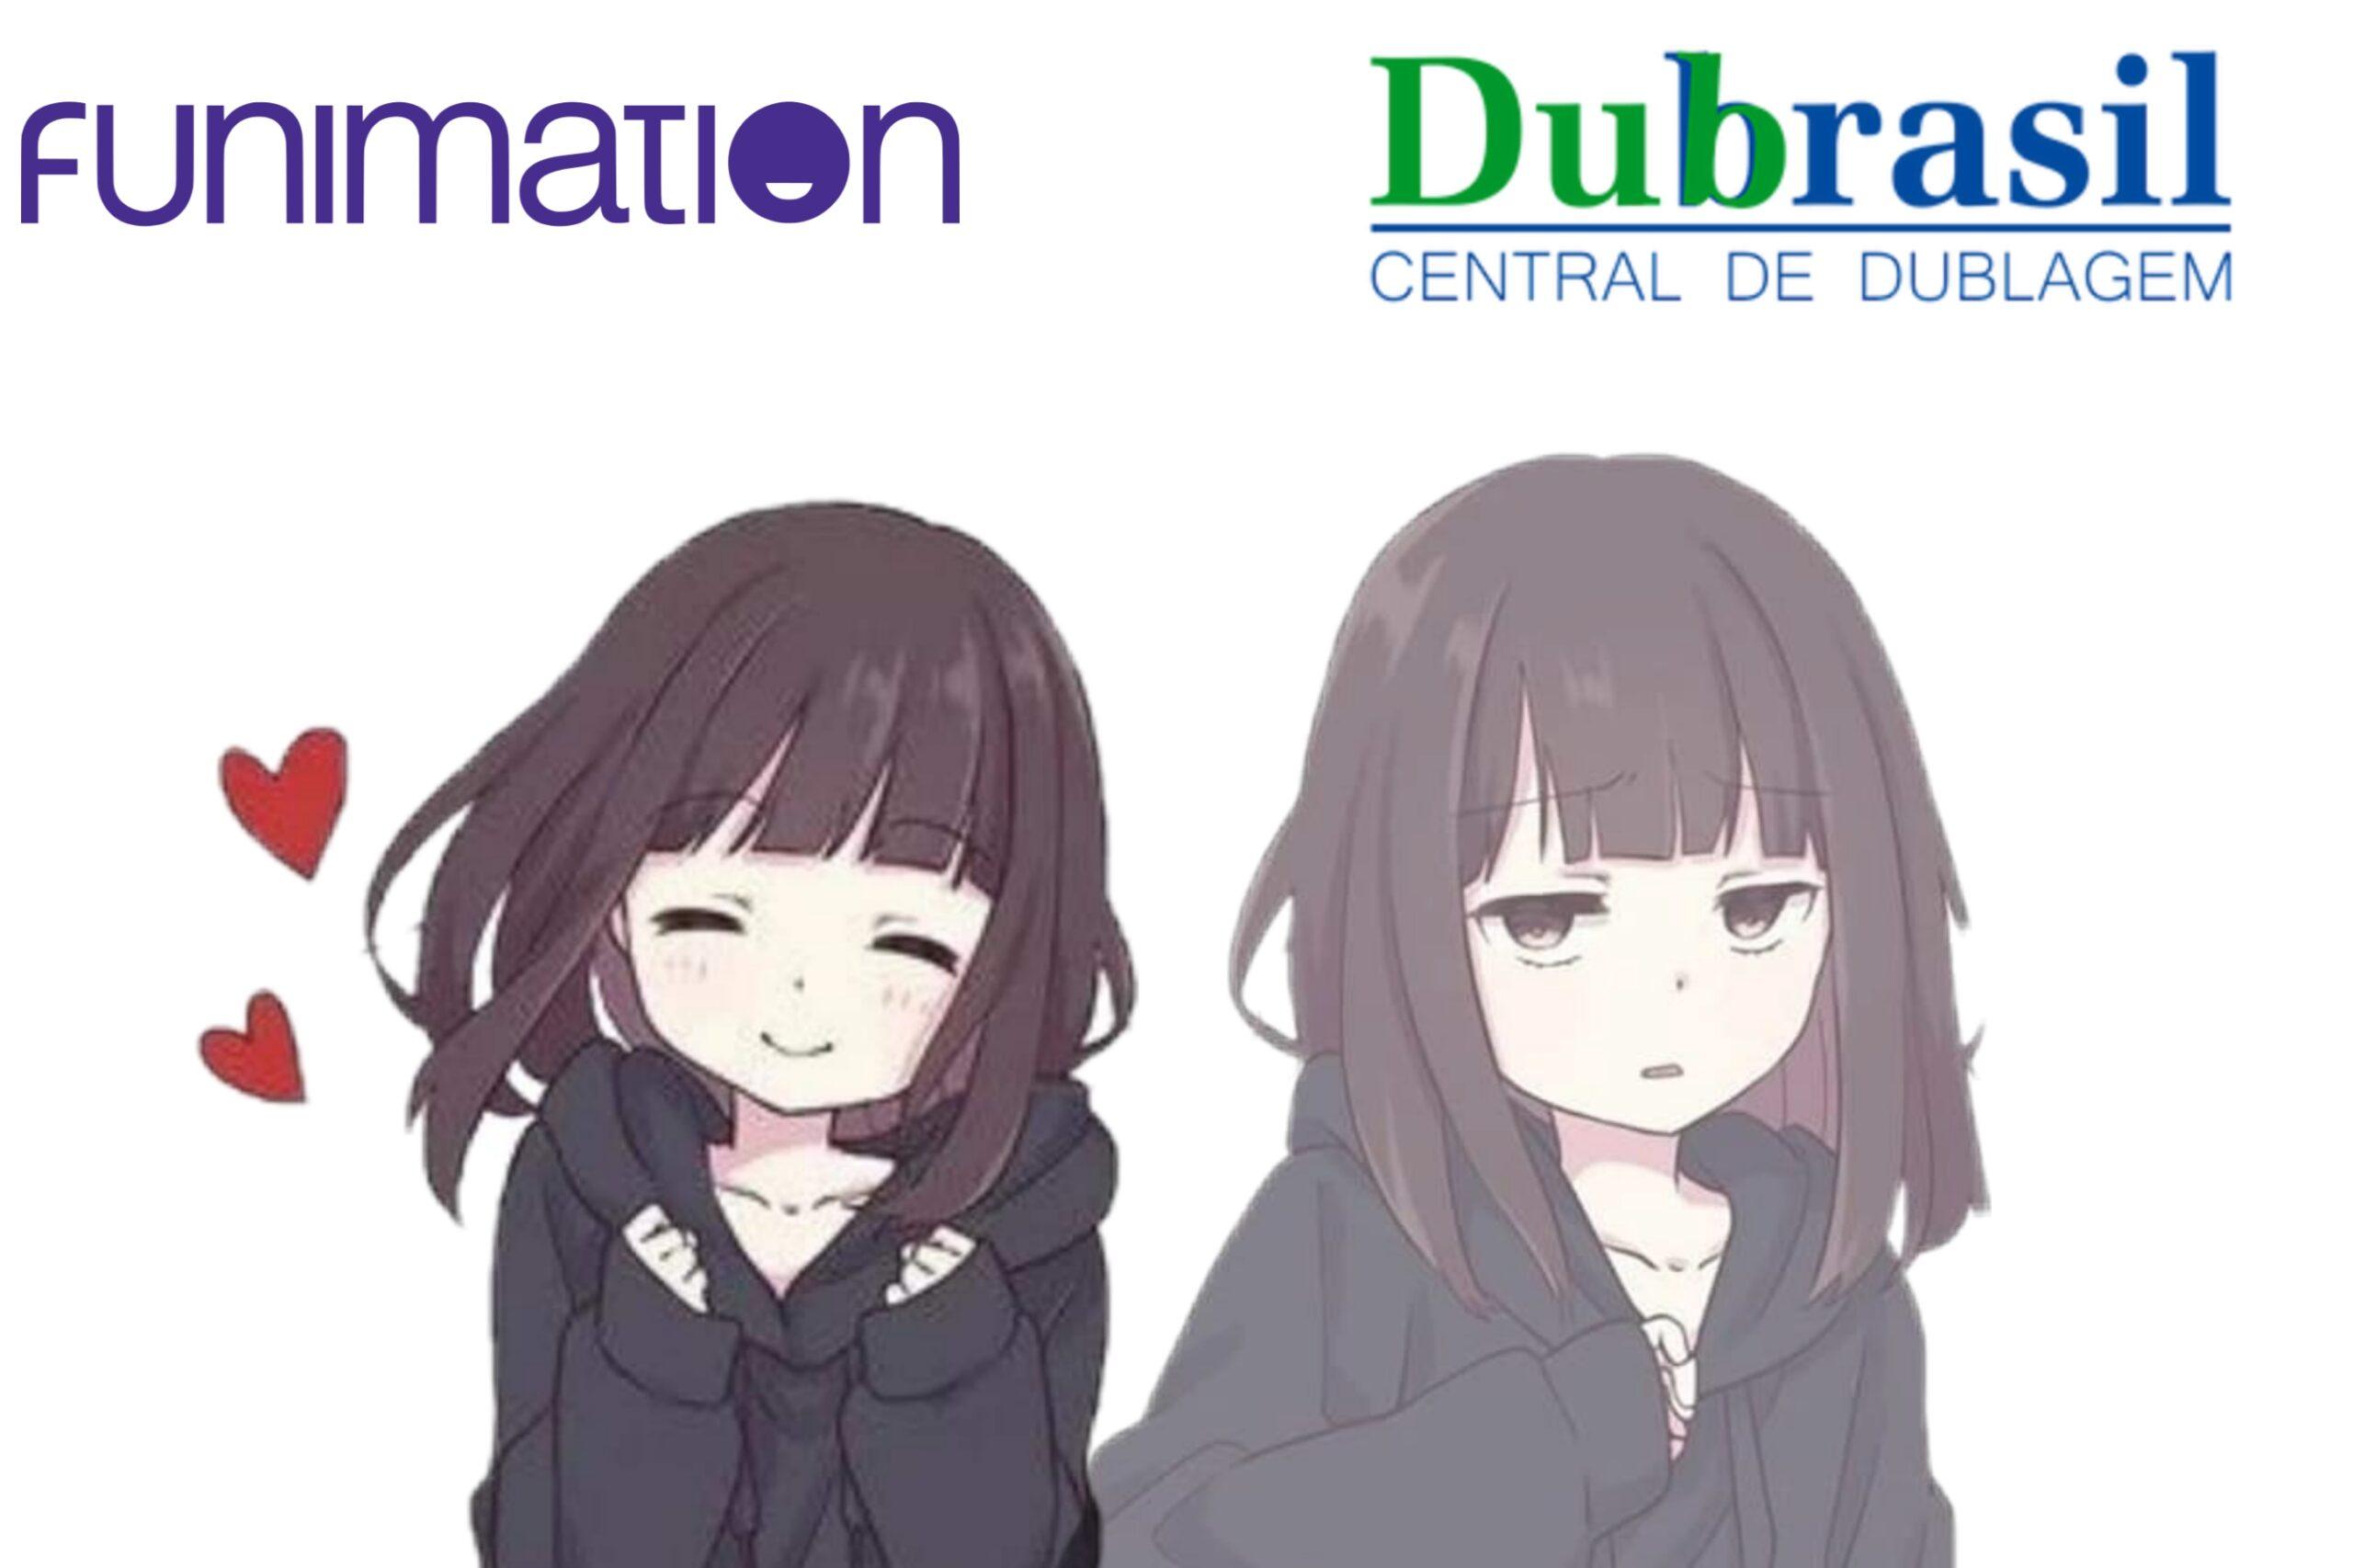 Opinião: Por quê as dublagens em PT-BR da Funimation dividiu muitas opiniões?